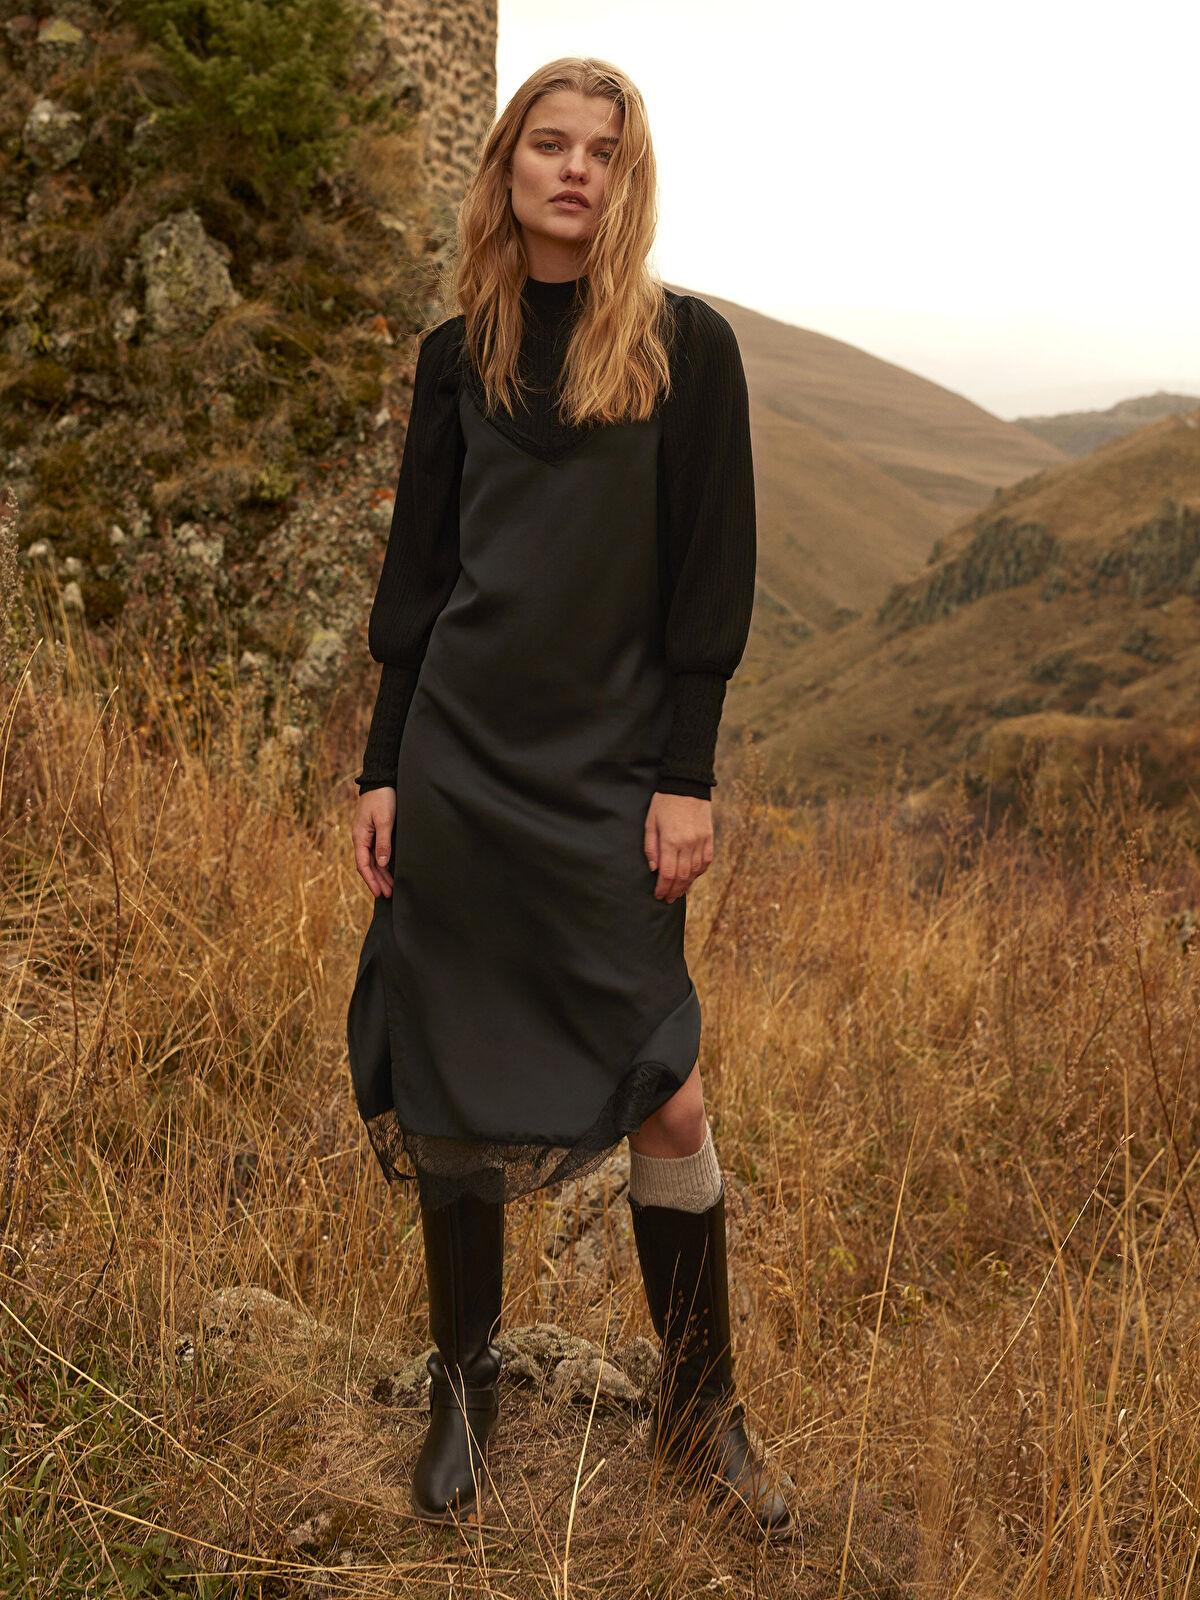 Dantel Detaylı Askılı Elbise - LC WAIKIKI